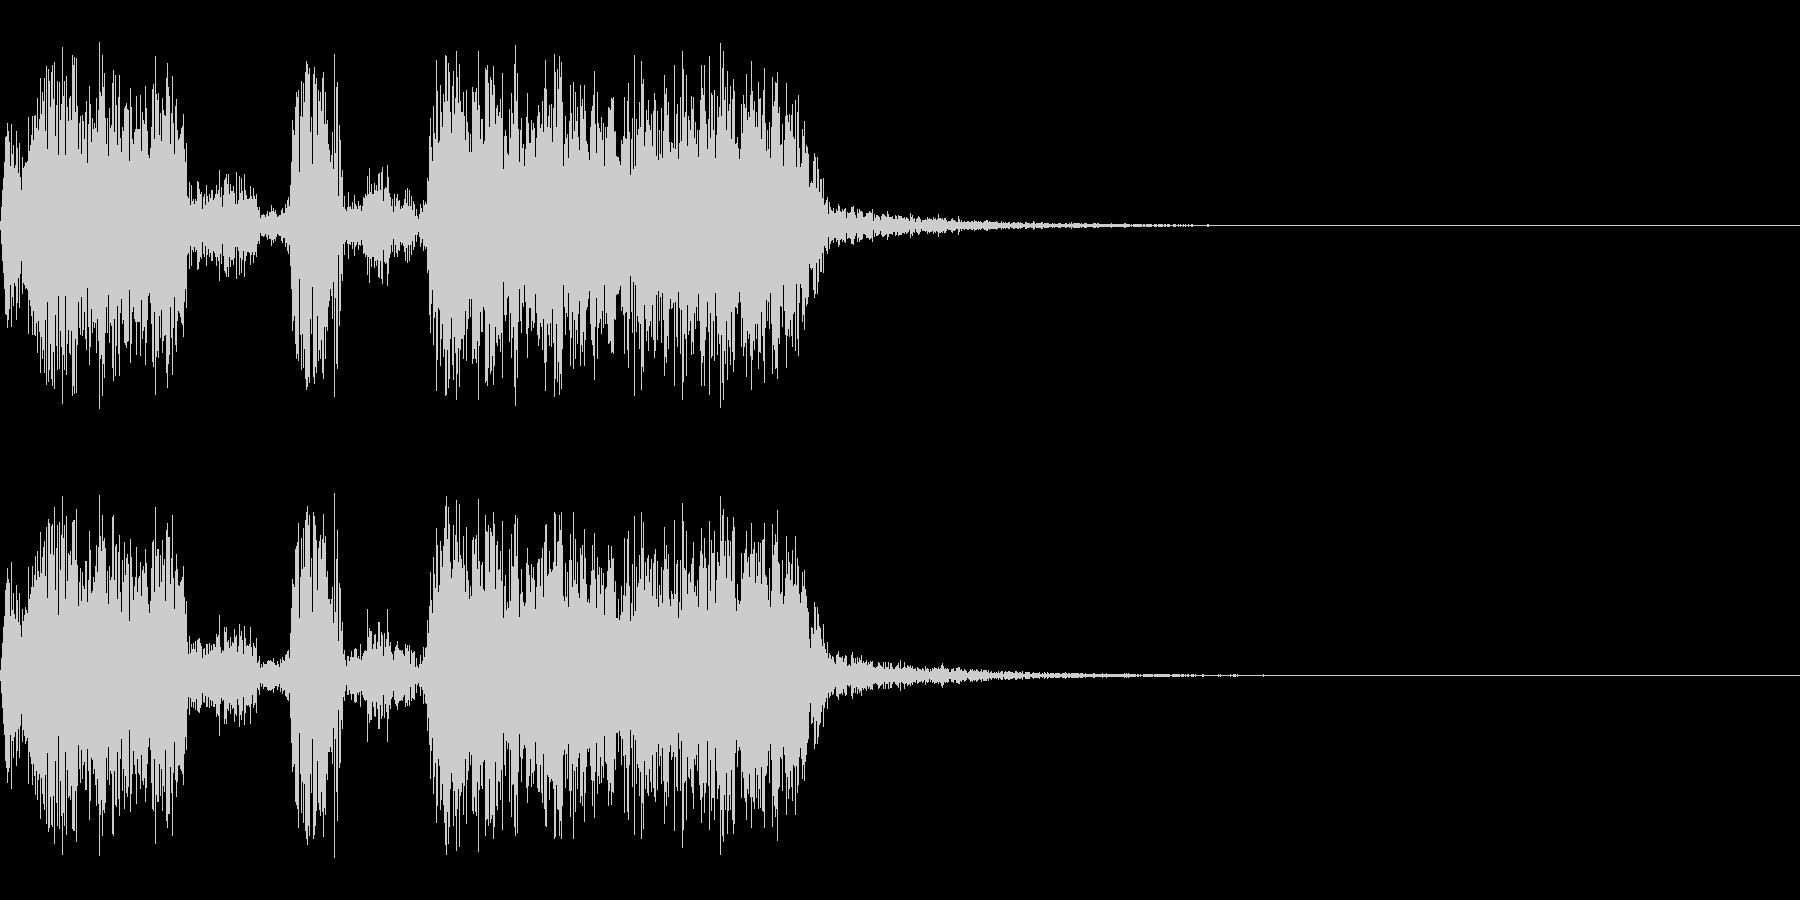 スパーク音-47の未再生の波形